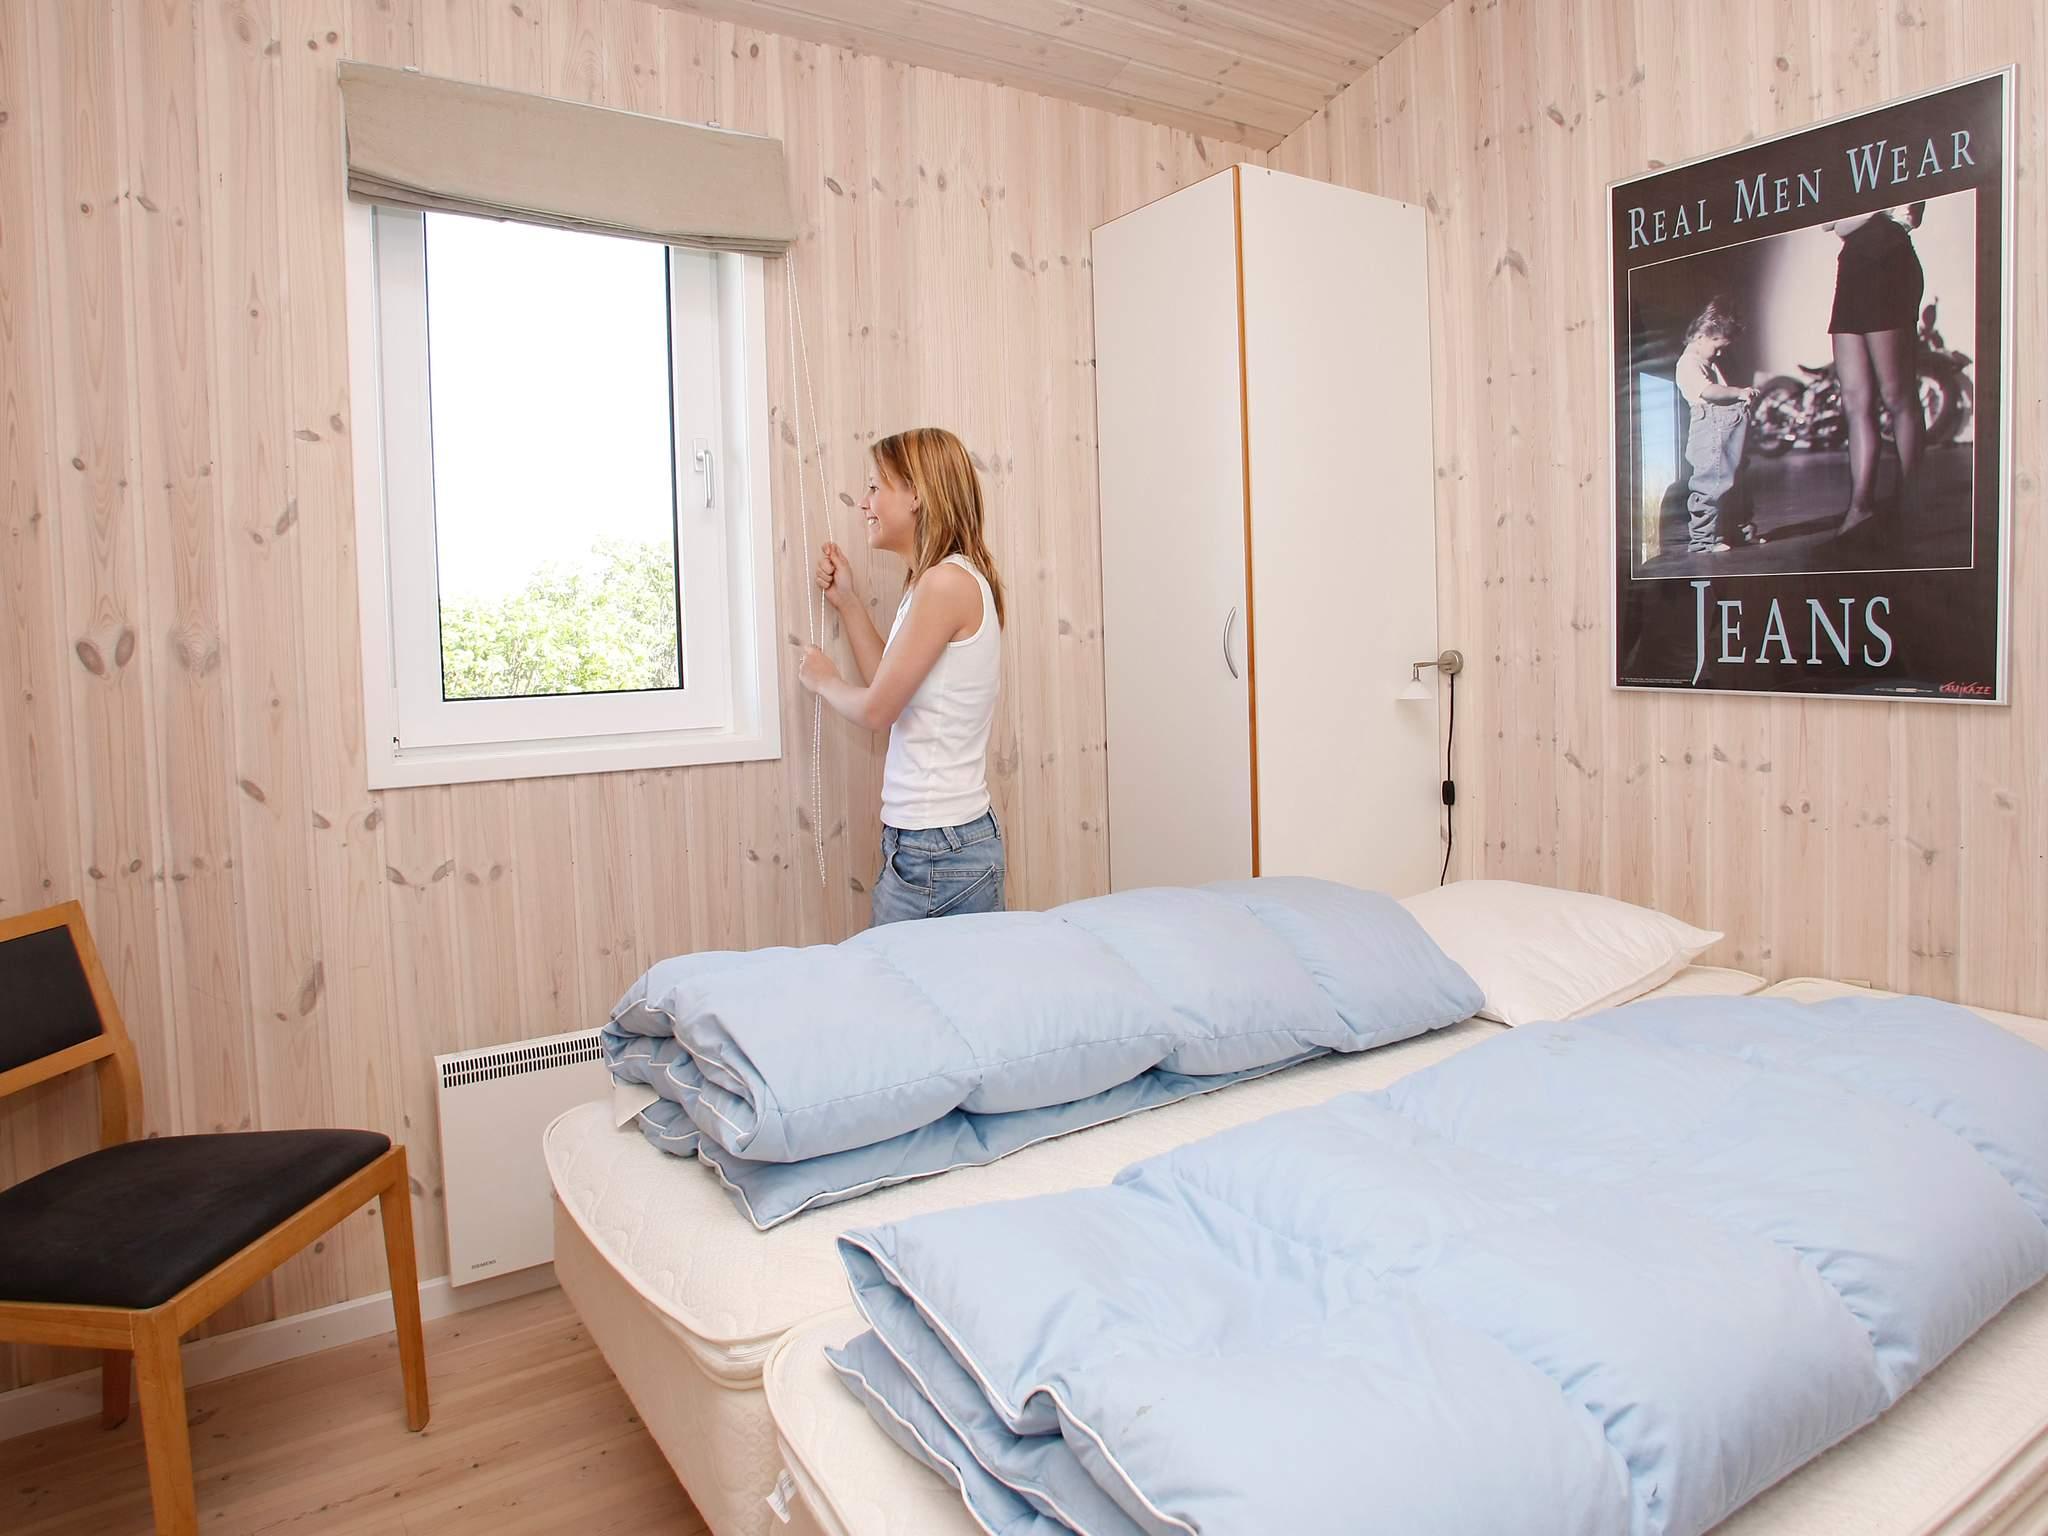 Ferienhaus Løkken (83922), Løkken, , Nordwestjütland, Dänemark, Bild 6